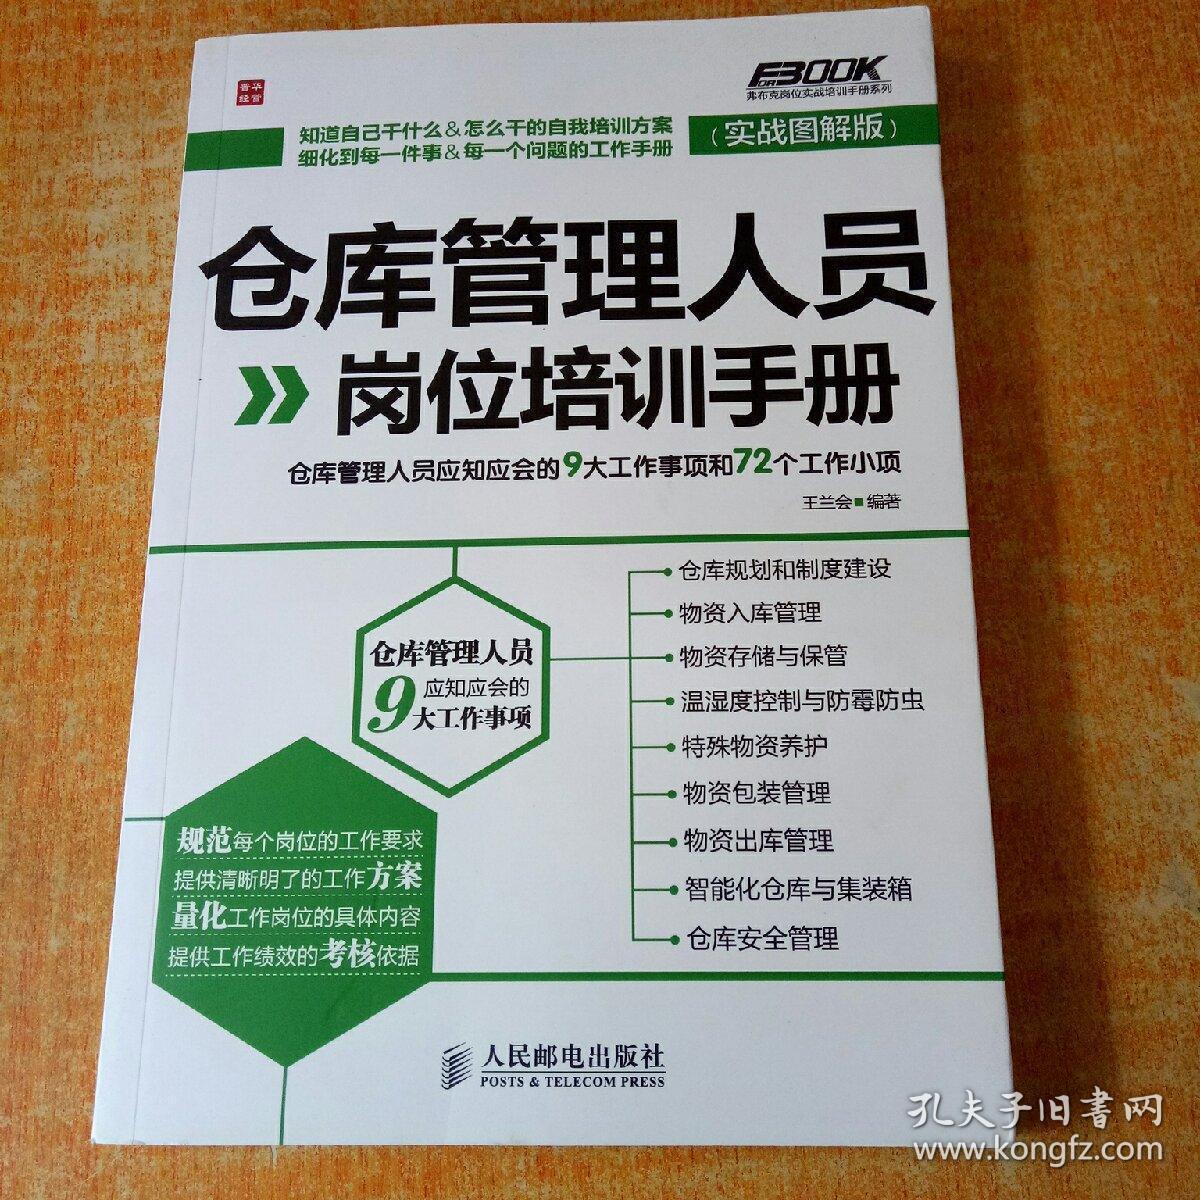 仓库管理人员岗位培训手册:仓库管理人员应知应会的9大工作事项和72个工作小项(实战图解版)